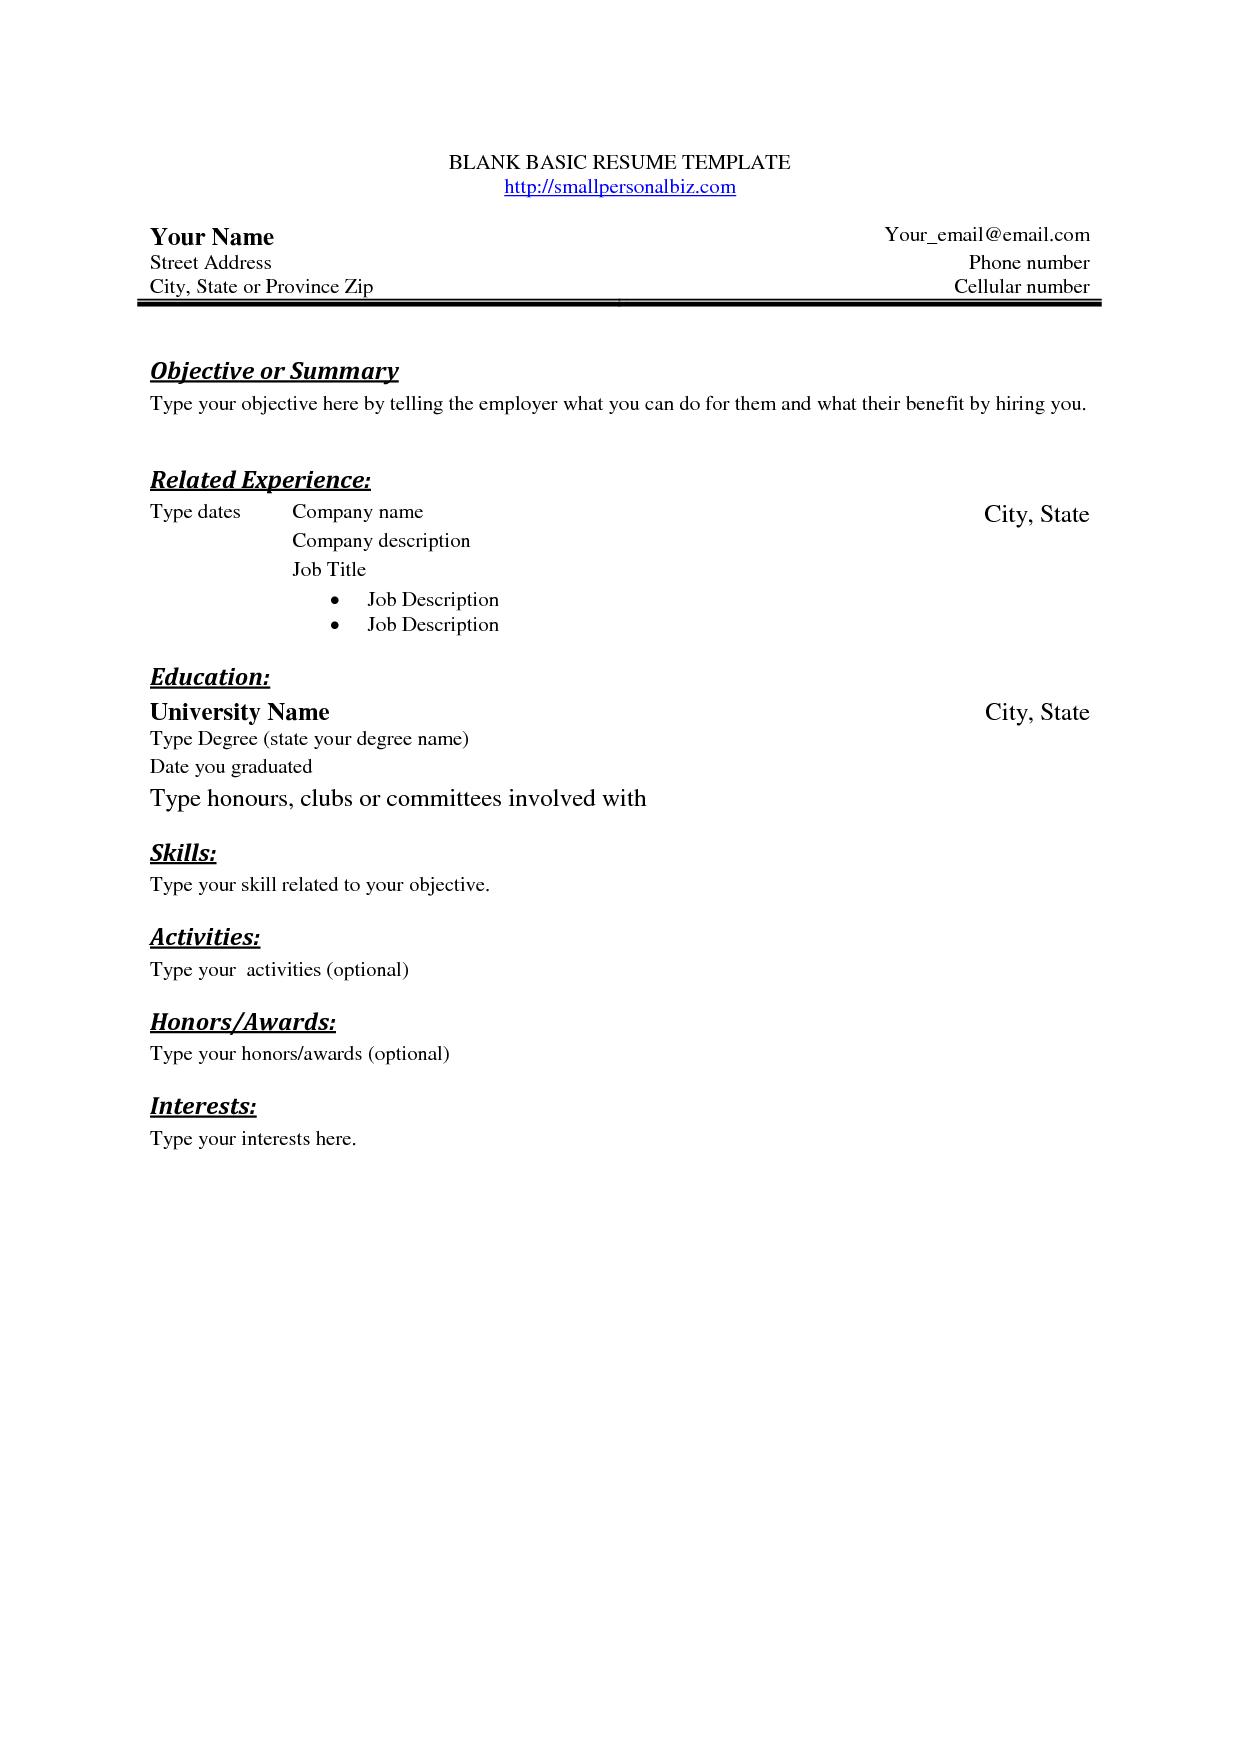 Free Basic Blank Resume Template Free Basic Sample Resume Basic Resume Basic Resume Examples Simple Resume Examples